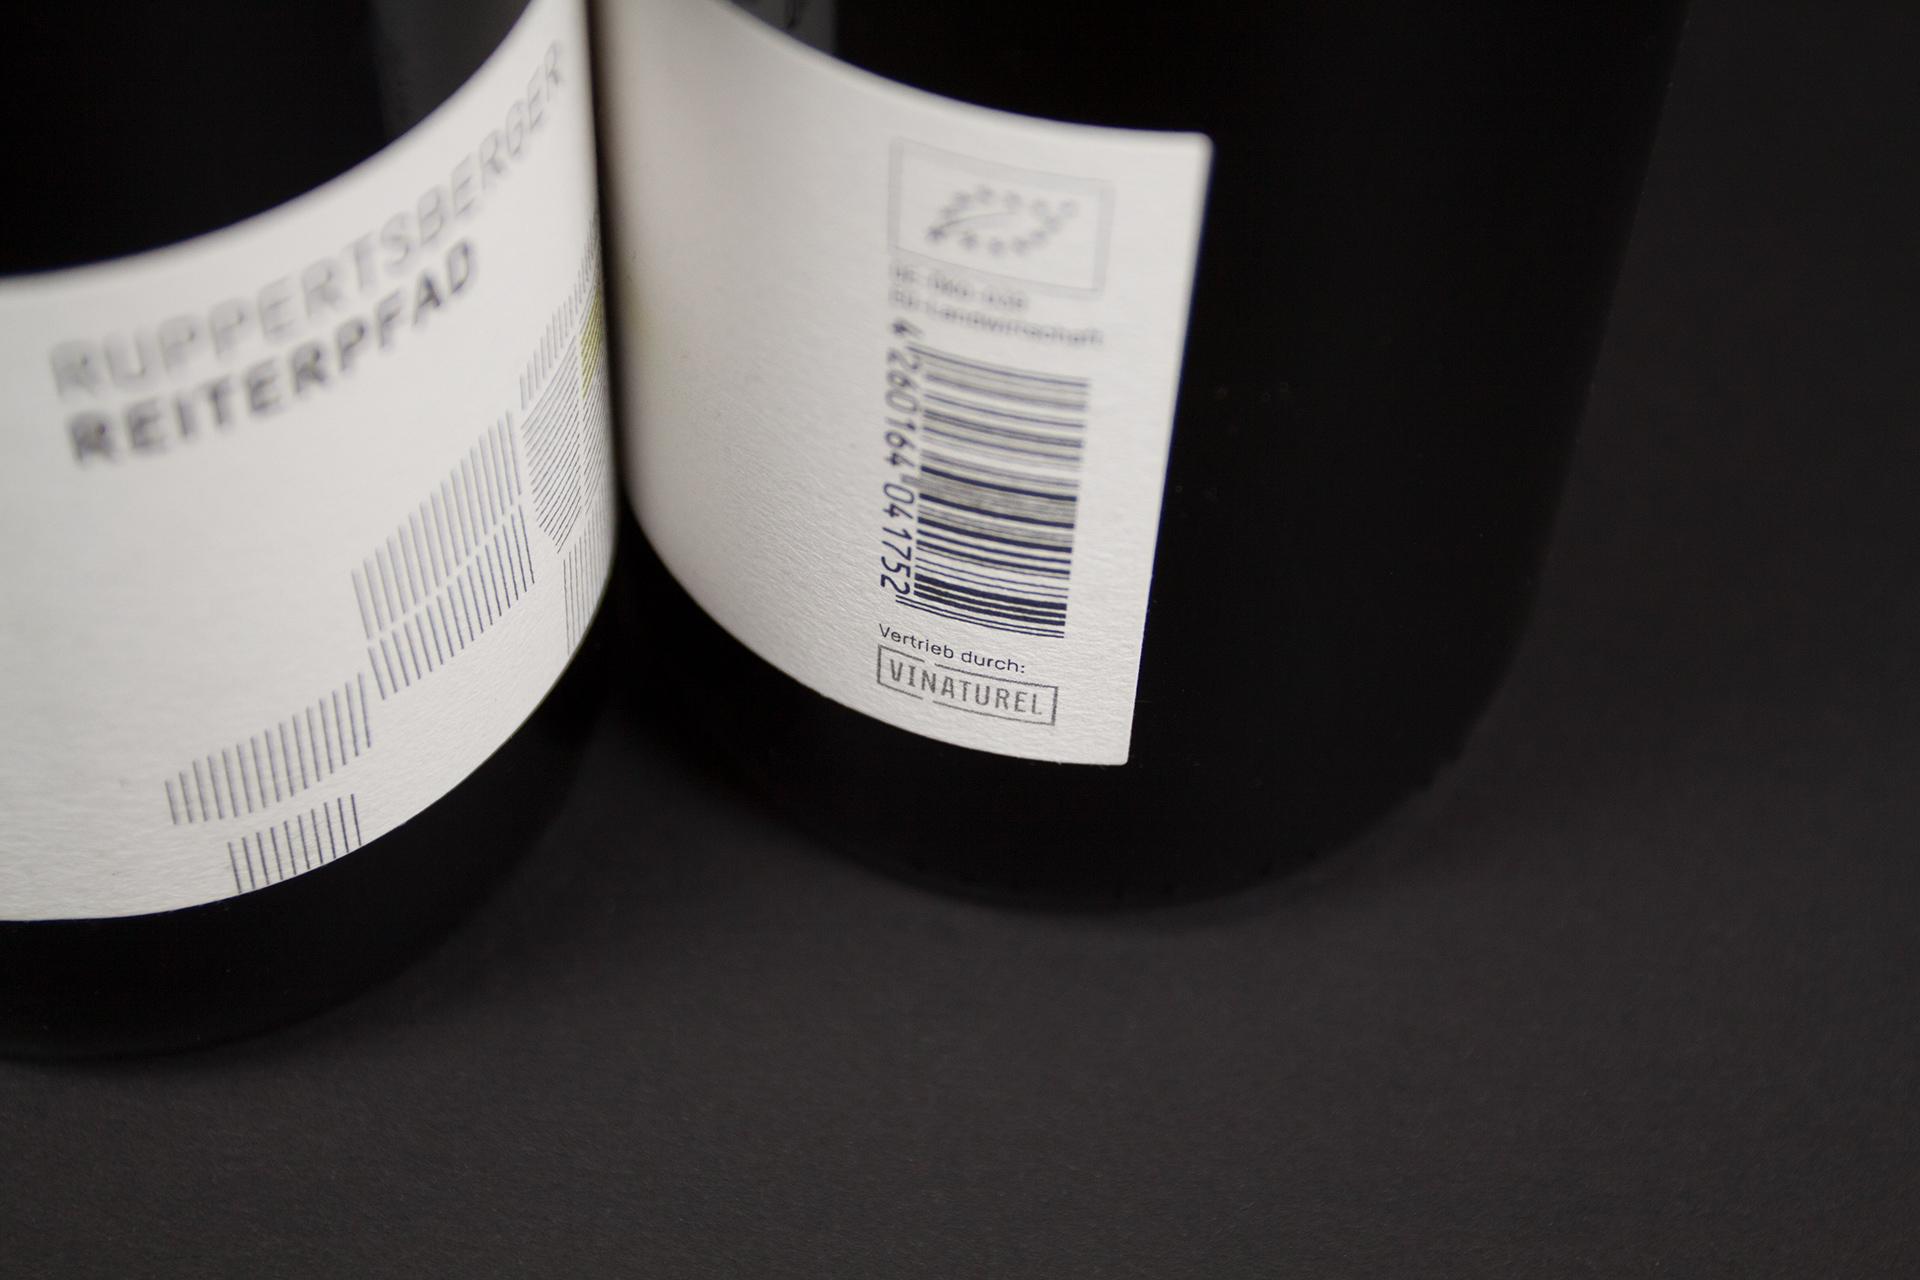 buero-ink-graphic-design-vinaturel-06